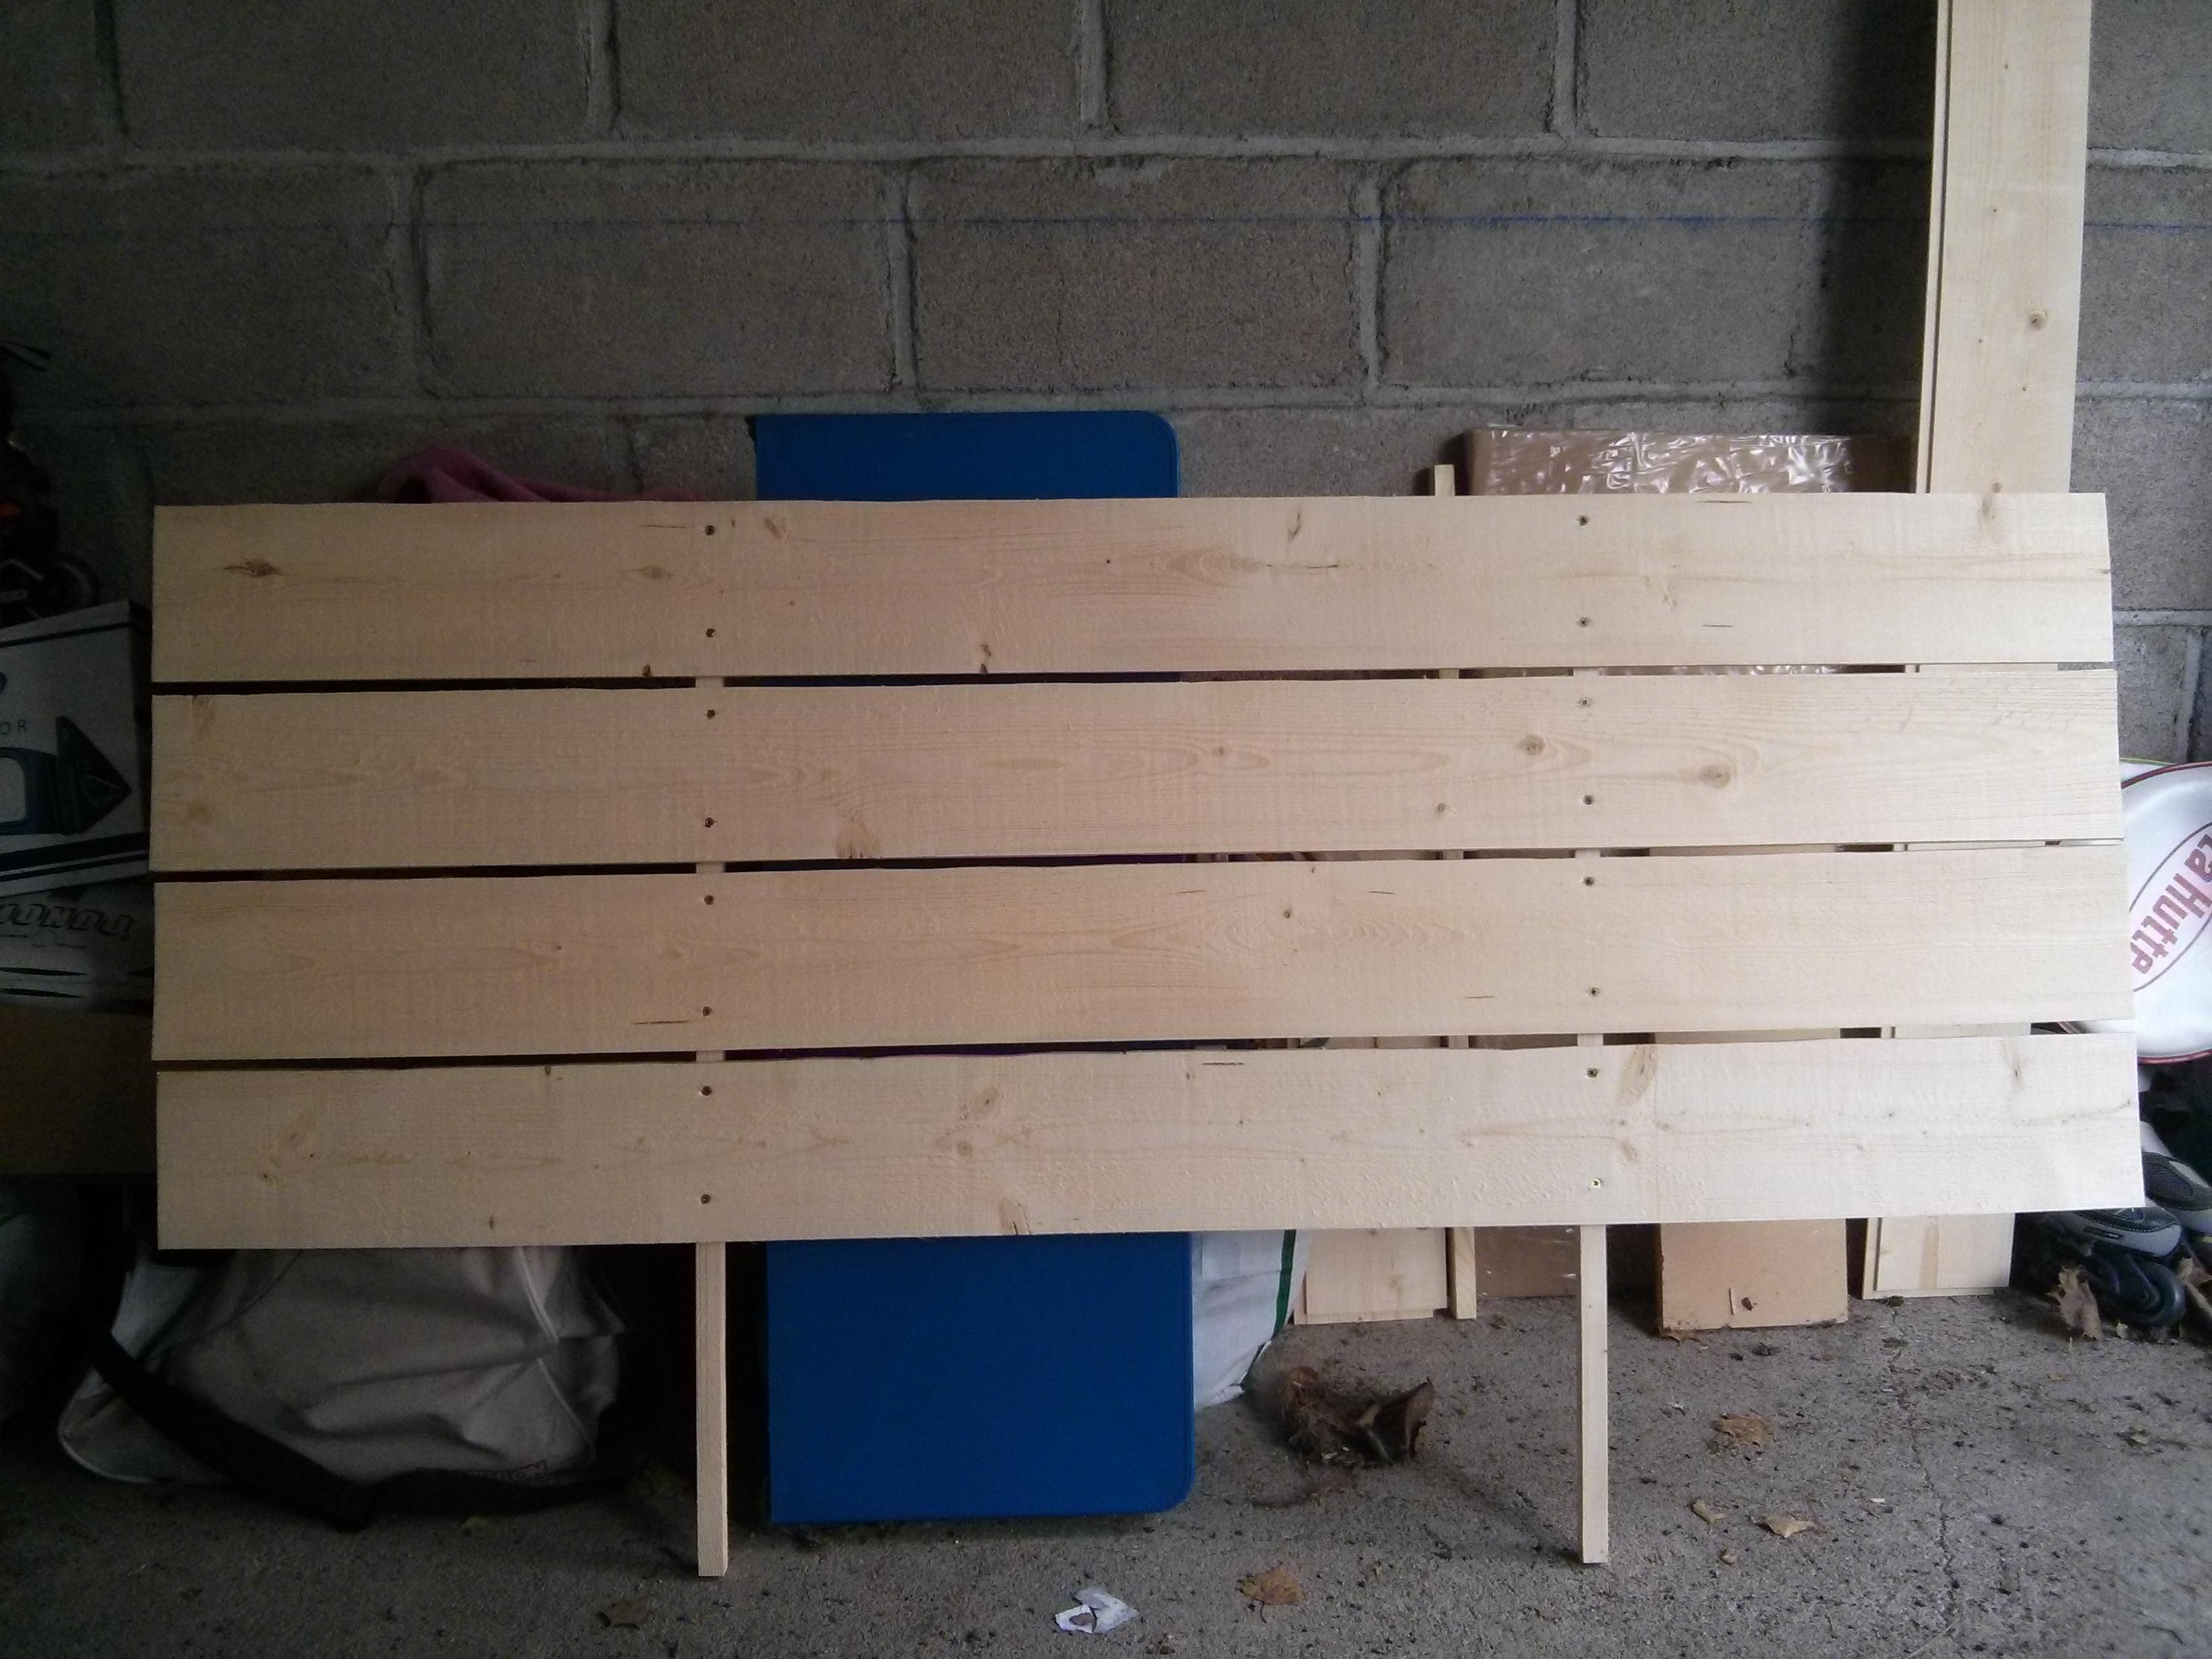 Planche Pour Tete De Lit diy une tête de lit avec des planches – ralfred's blog